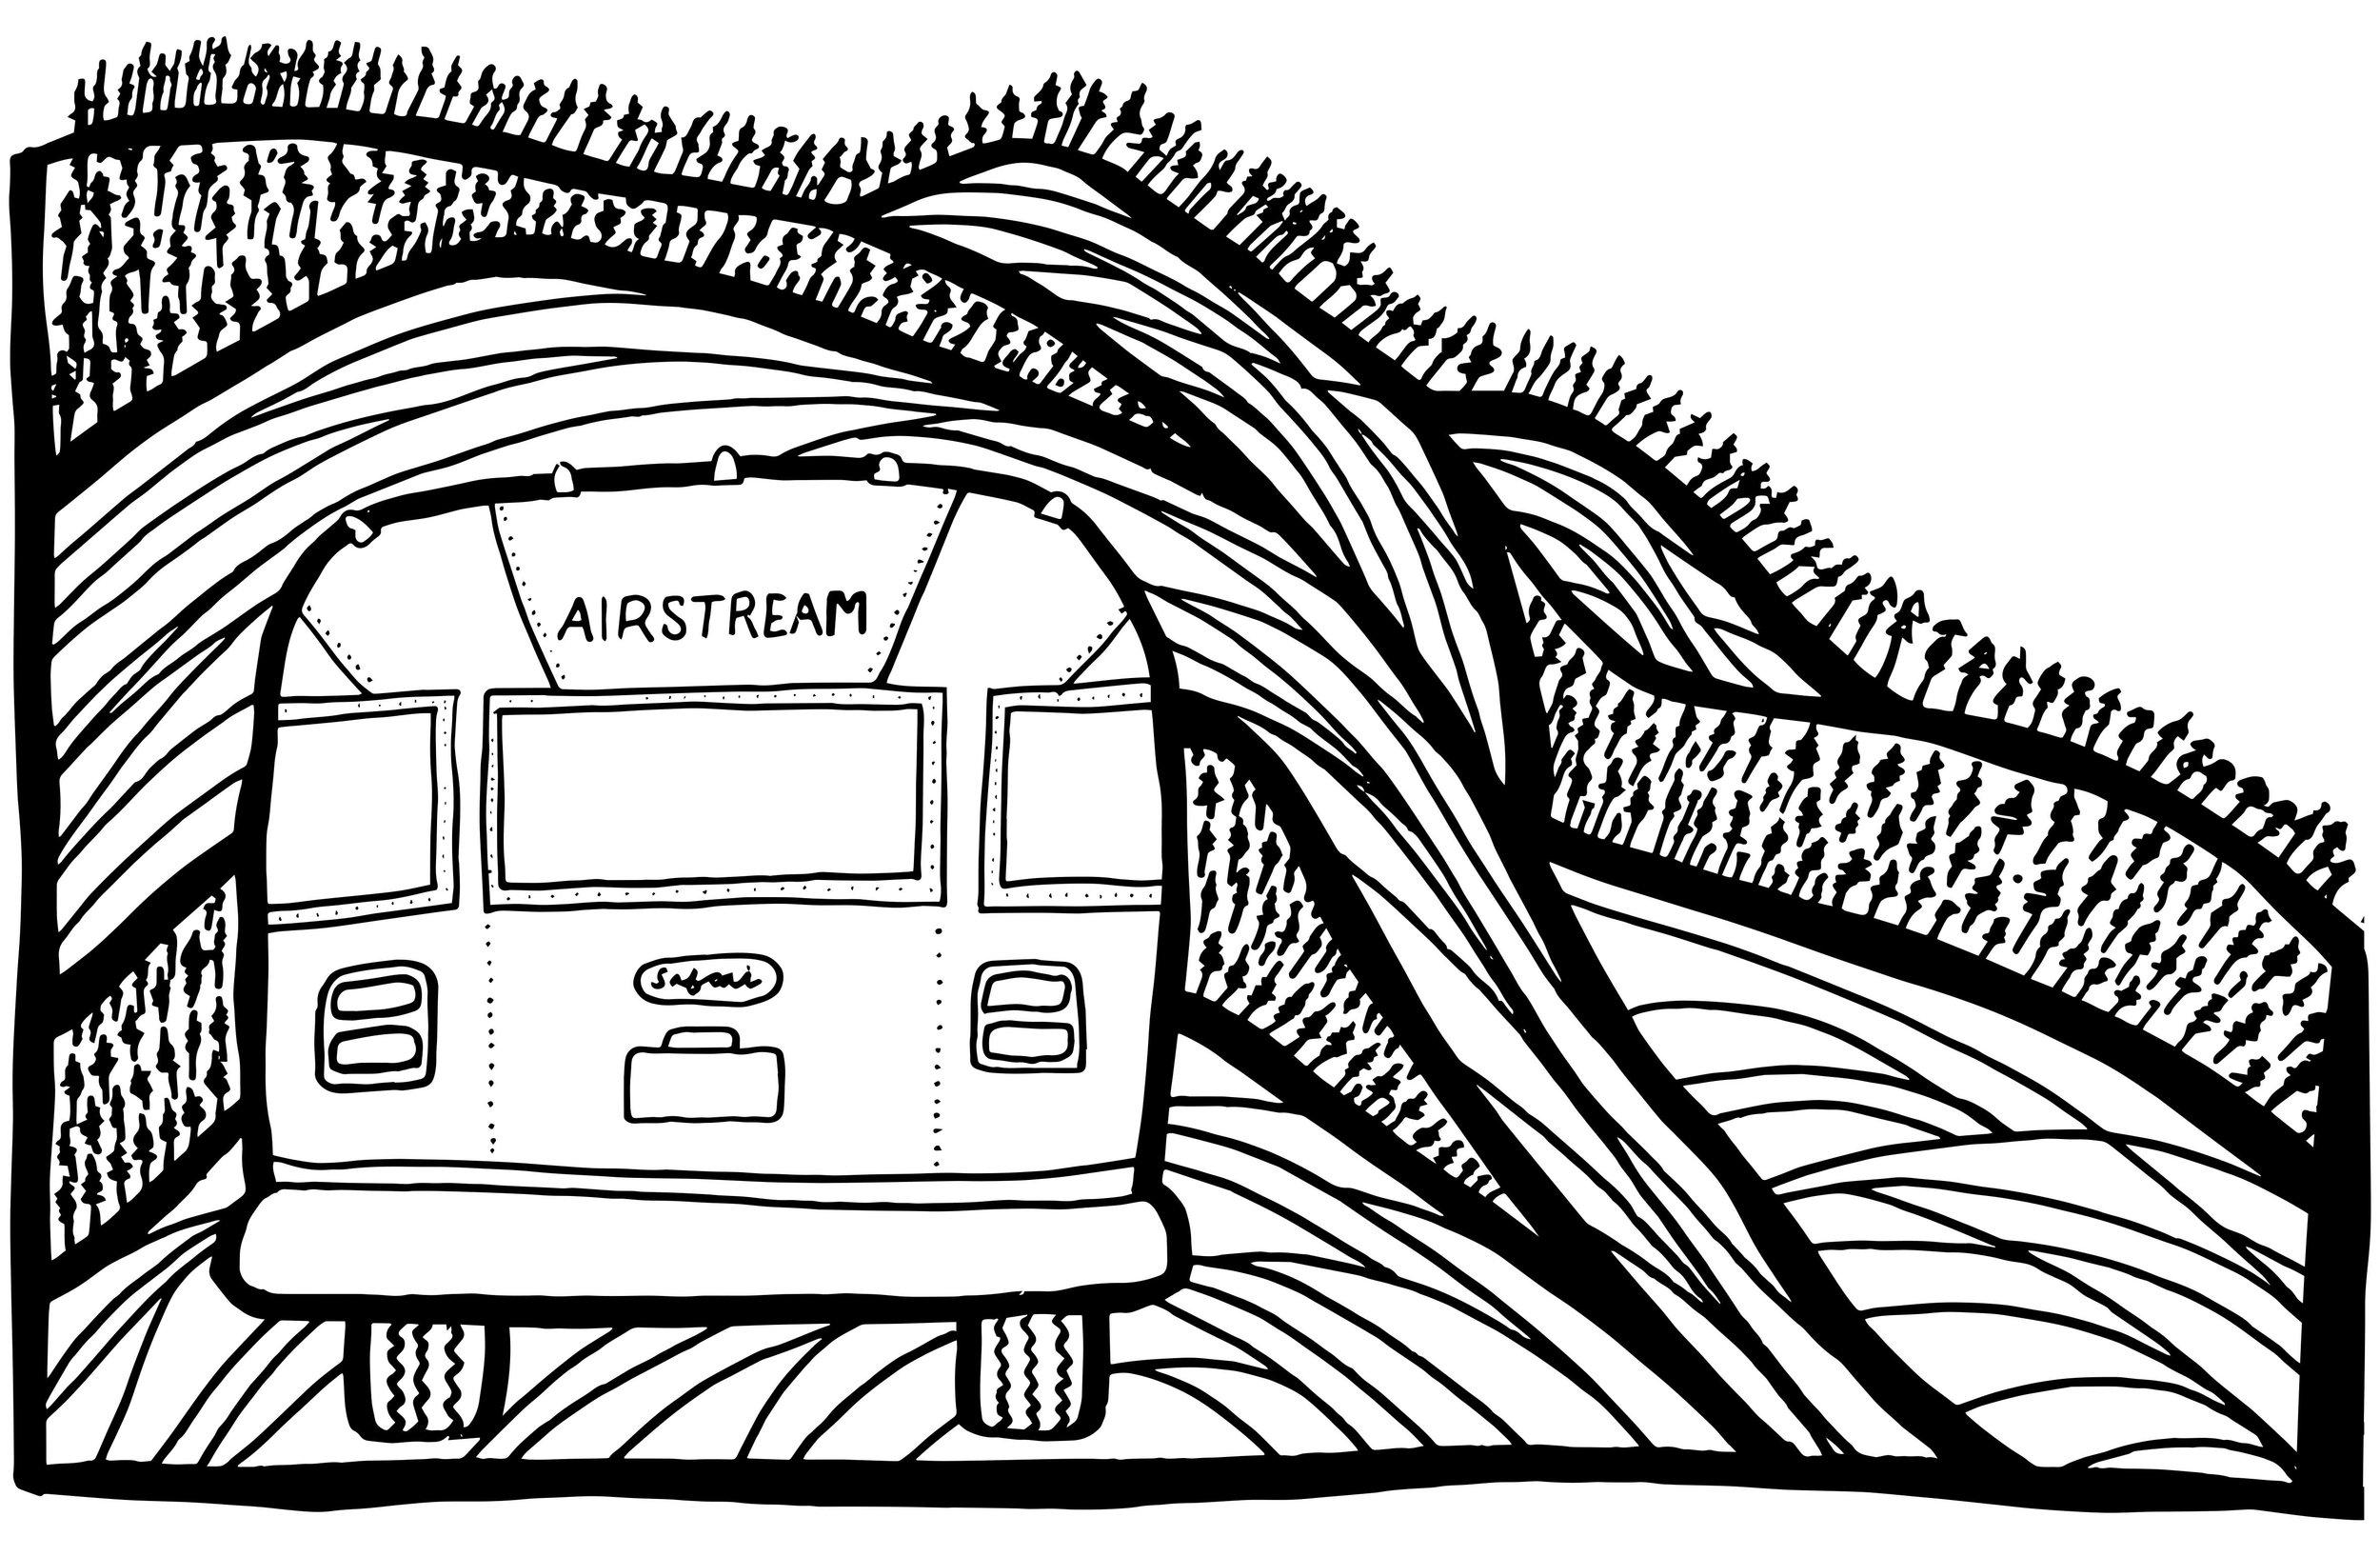 Revelstoke Airstream